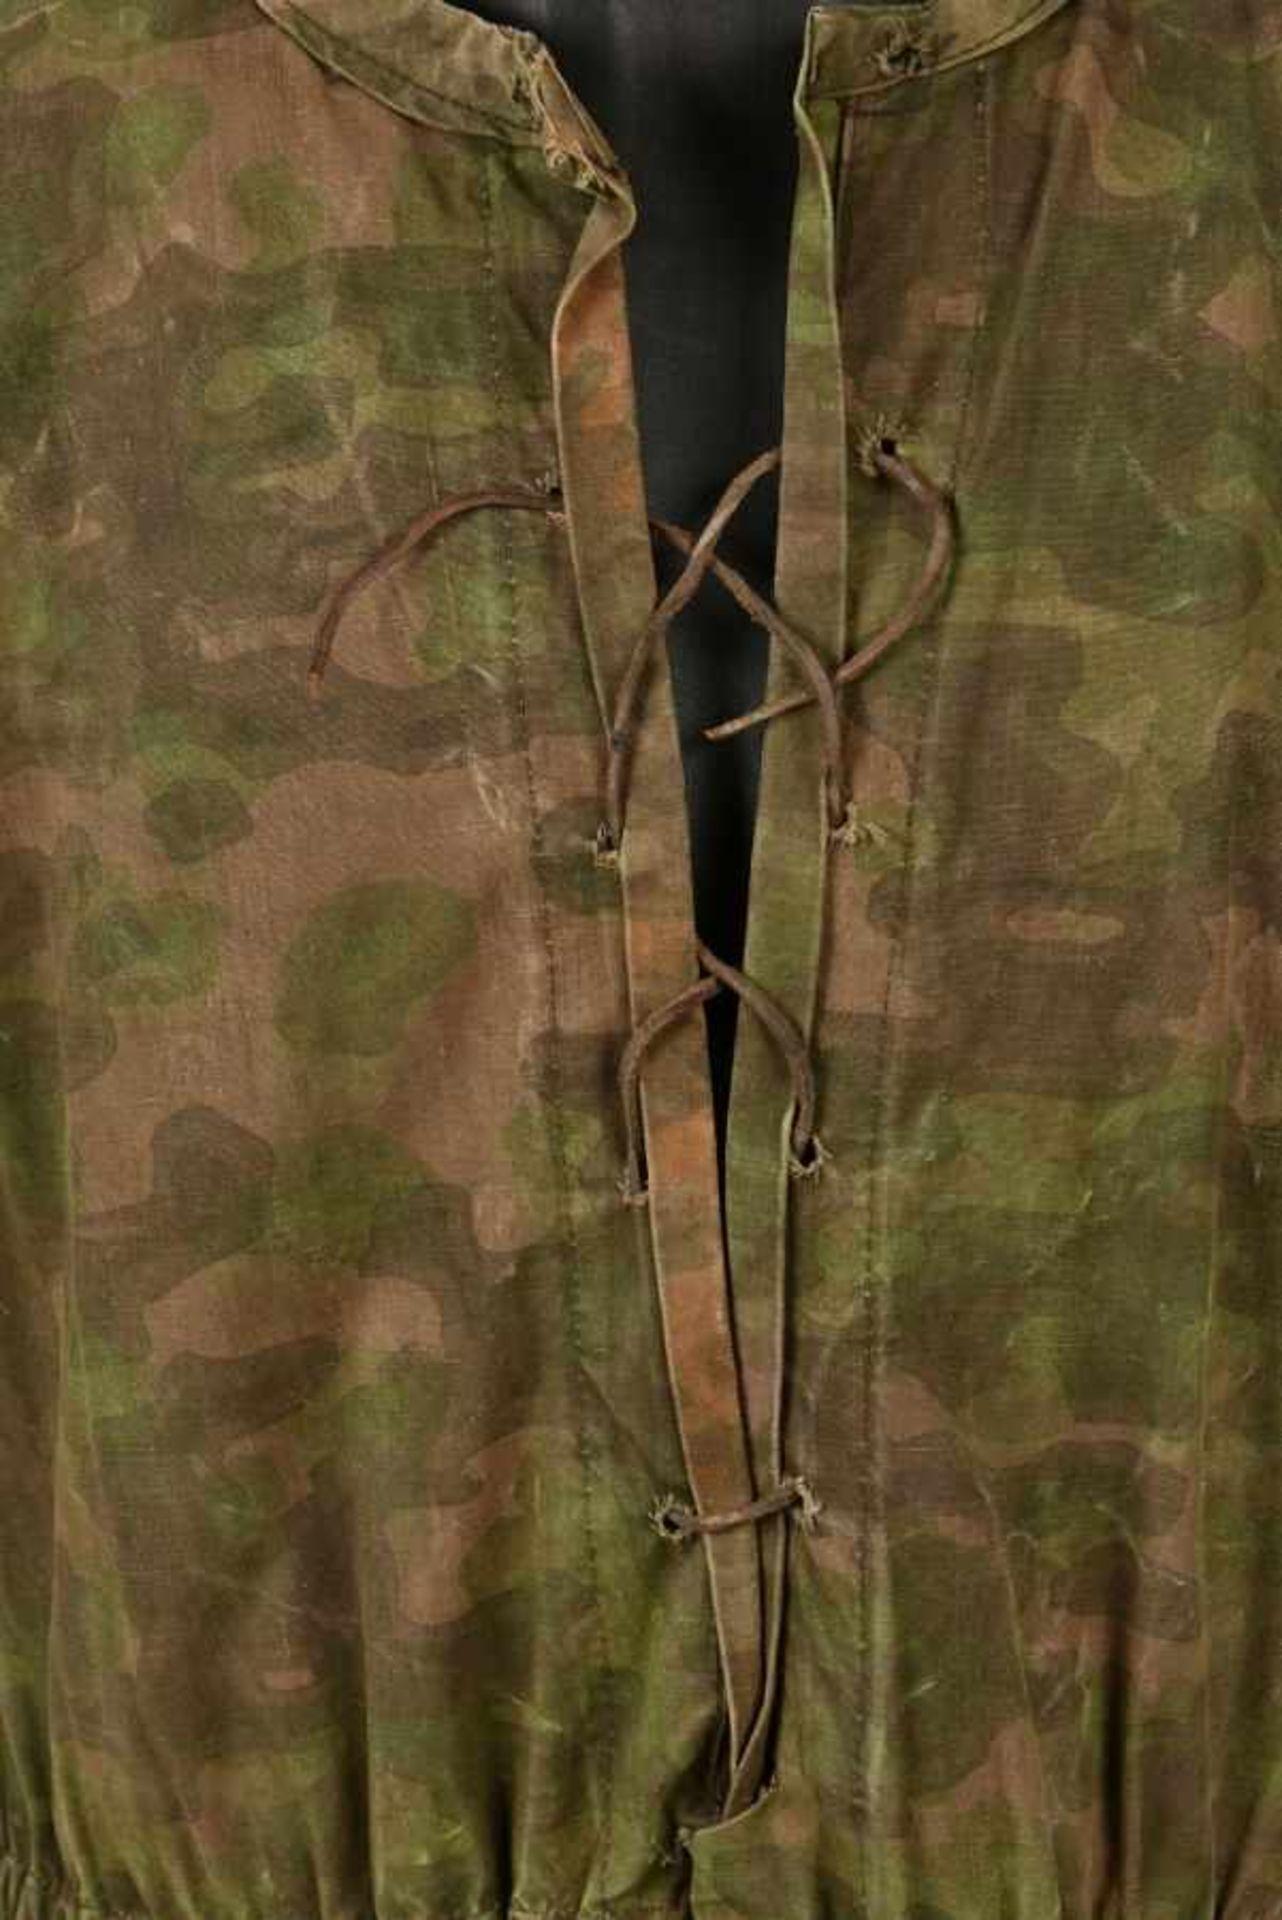 Tarnjacke de la Waffen SS. Tarnjacke of the Waffen SSCamouflage réversible type Blue Edge, - Bild 4 aus 4